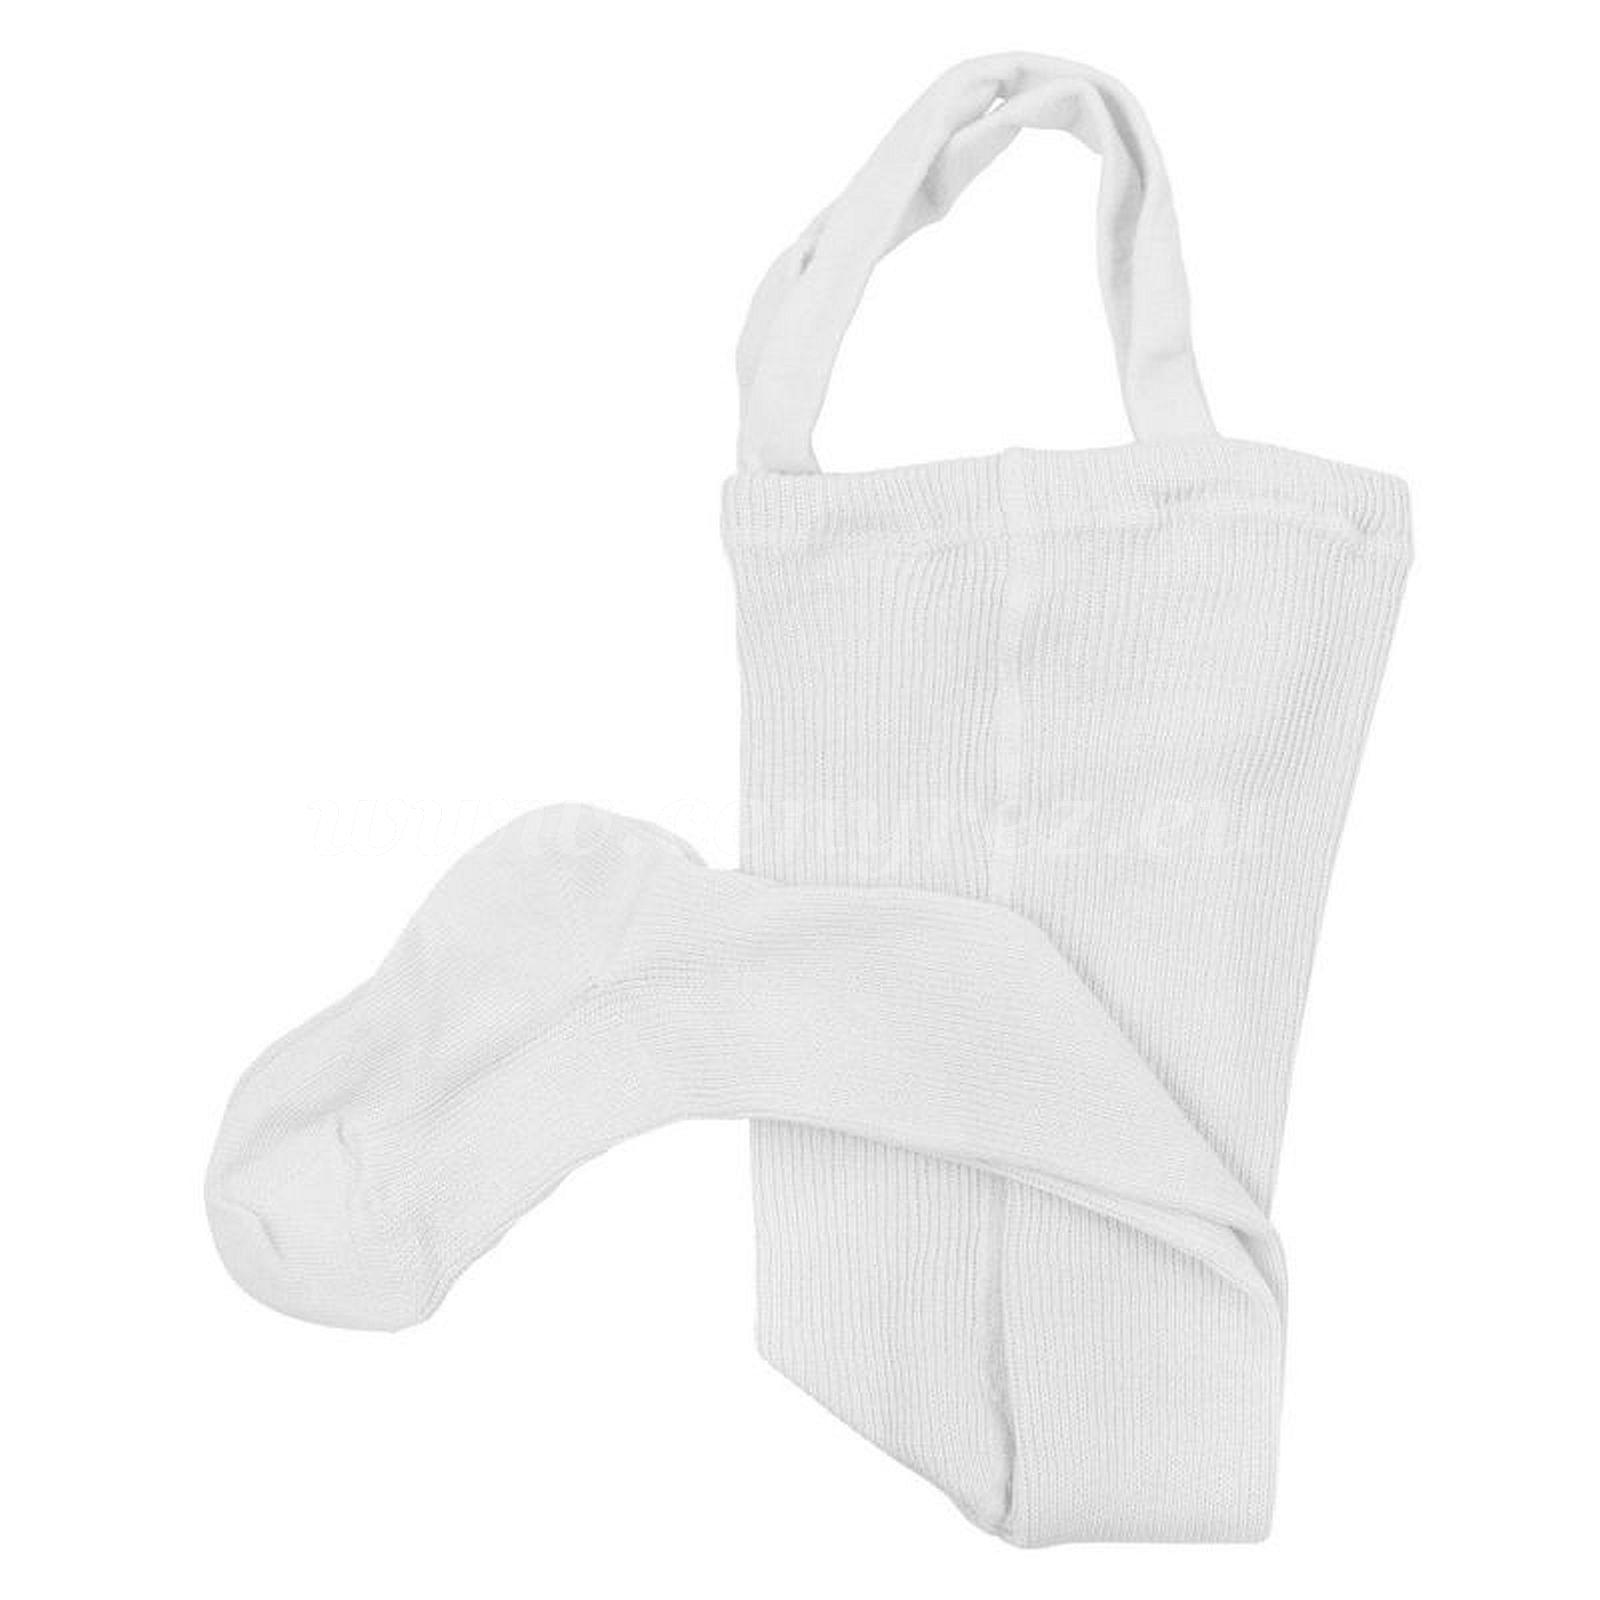 DUCIKA Babystrumpfhosen mit Trägern - weiß